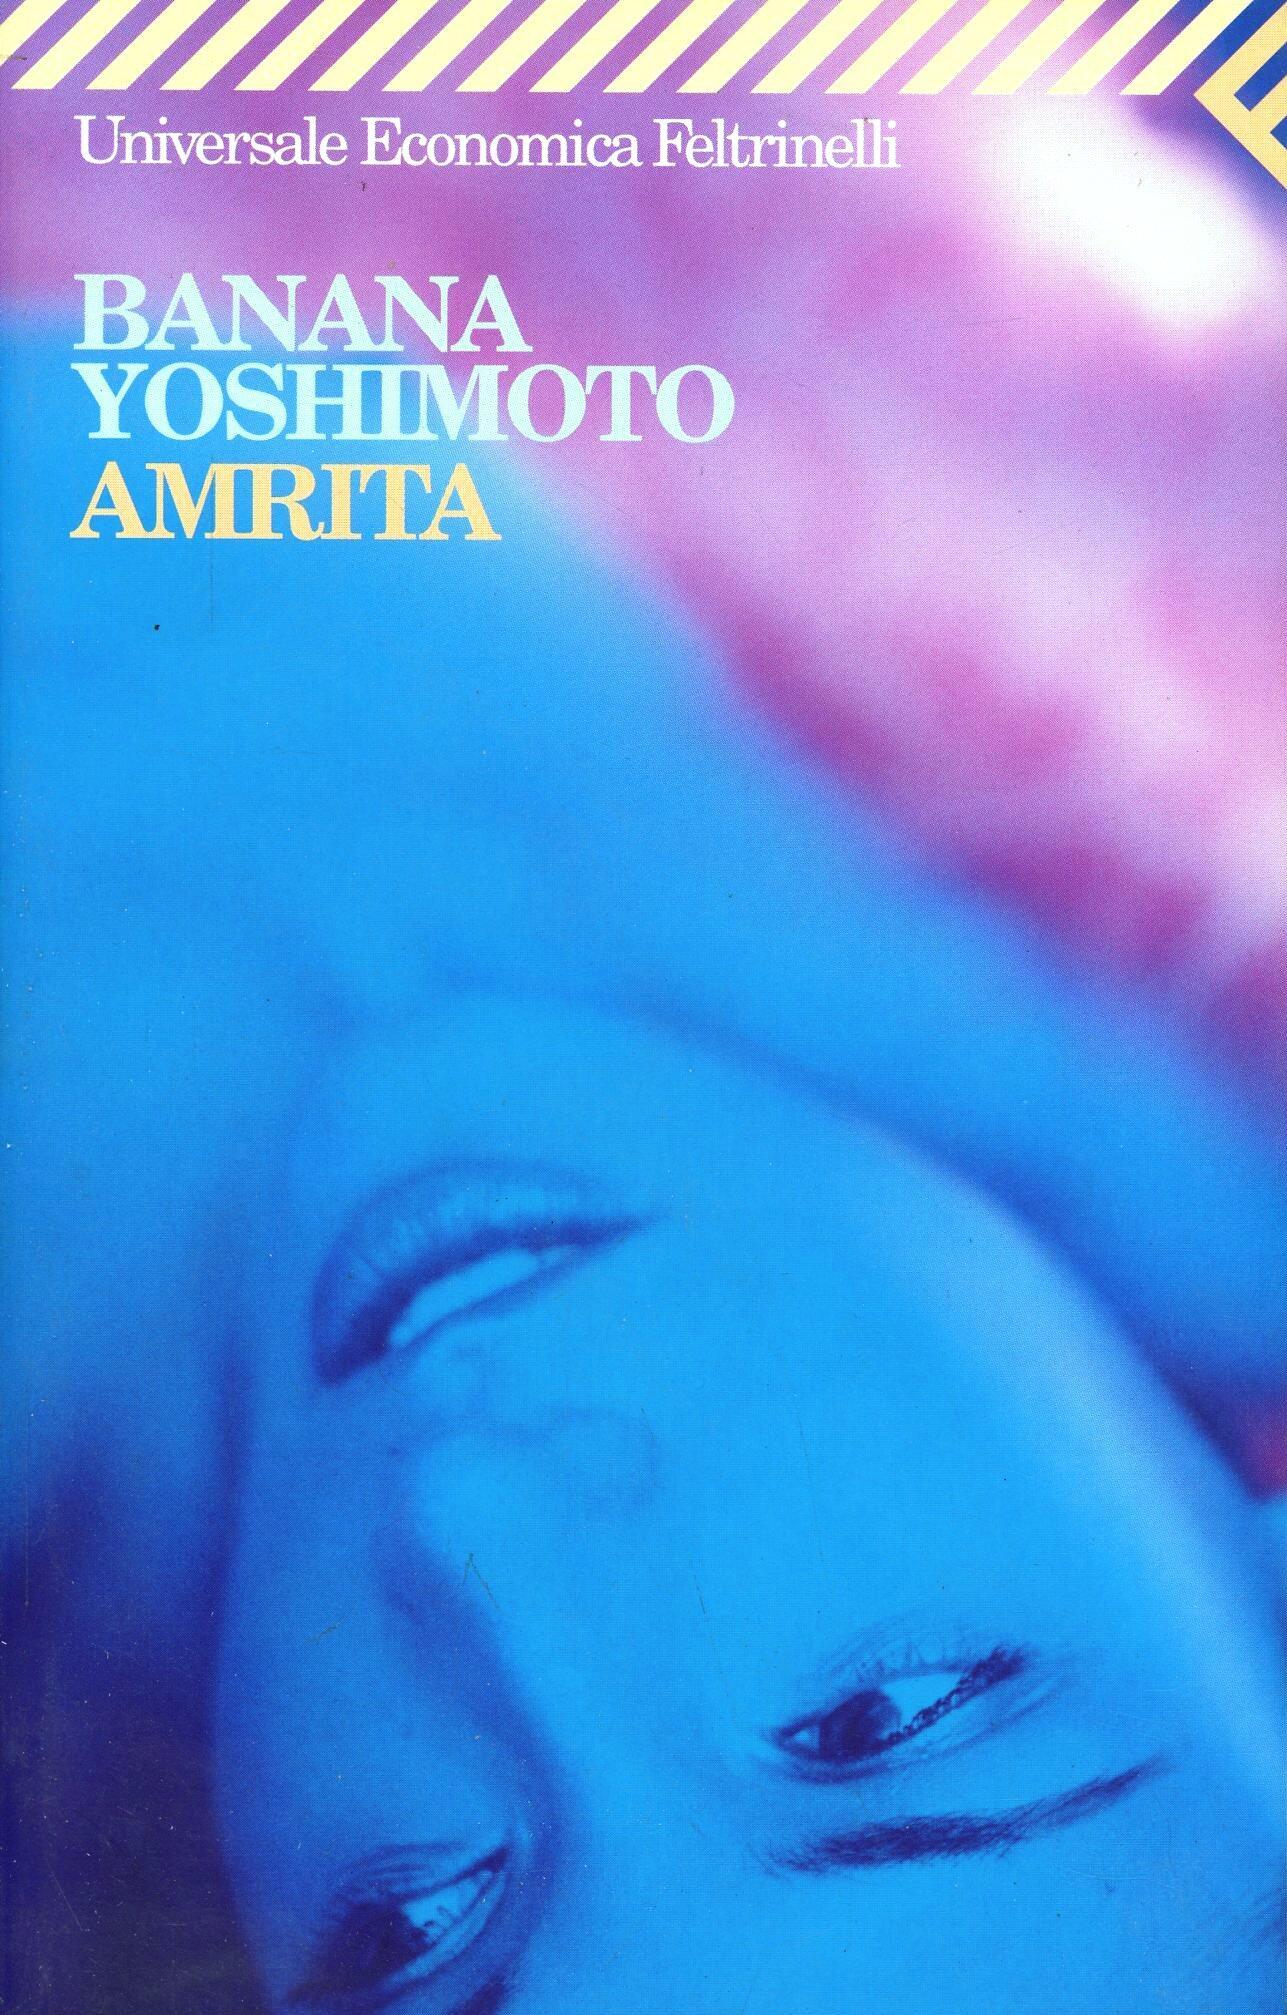 Amrita banana yoshimoto libro feltrinelli - Il giardino segreto banana yoshimoto ...